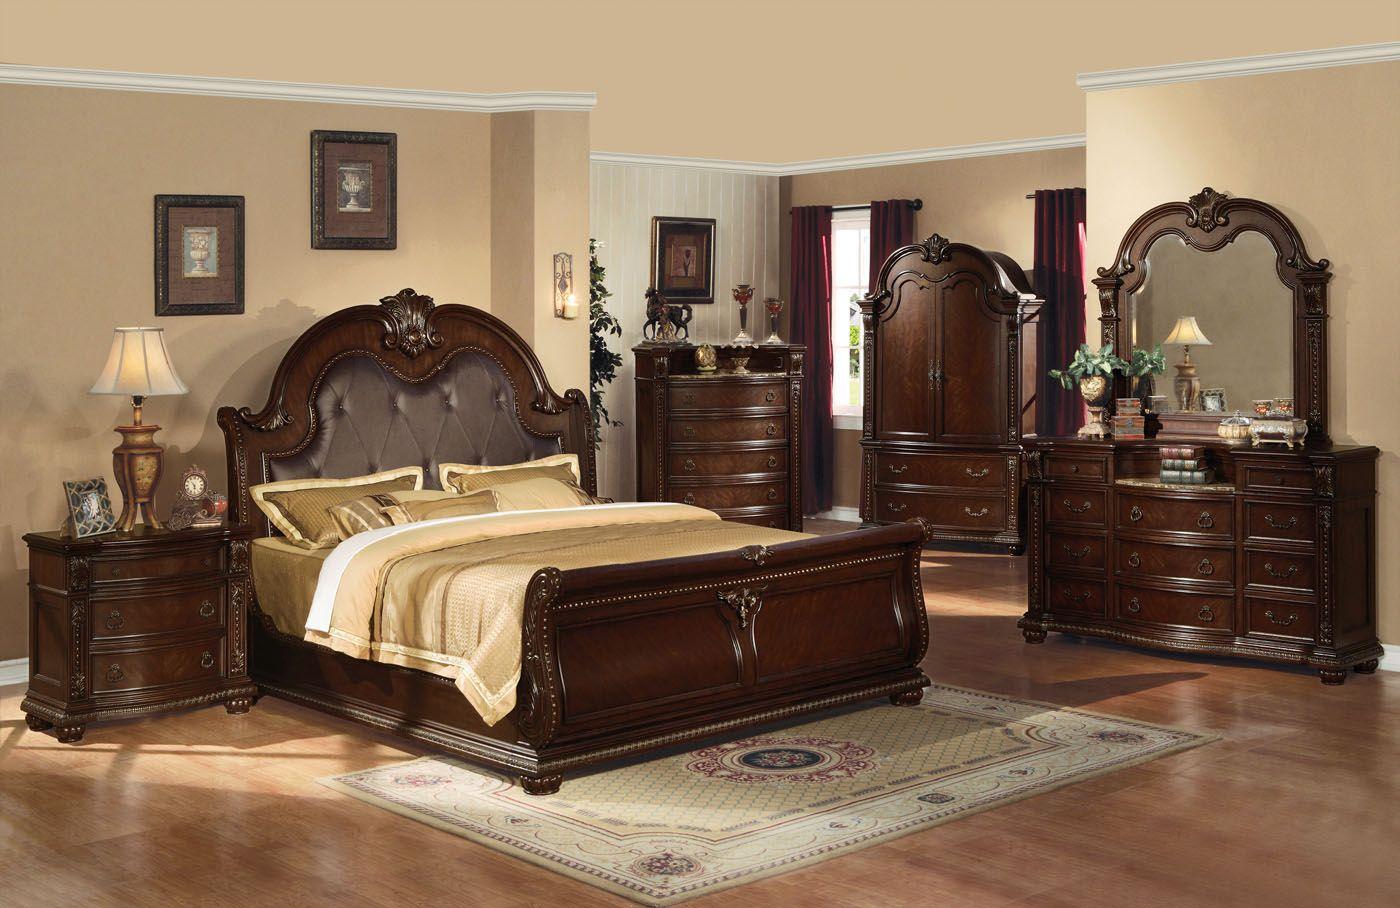 Bedroom Sets 2014 ikea bedroom sets 2014 | minimalist home design | pinterest | ikea